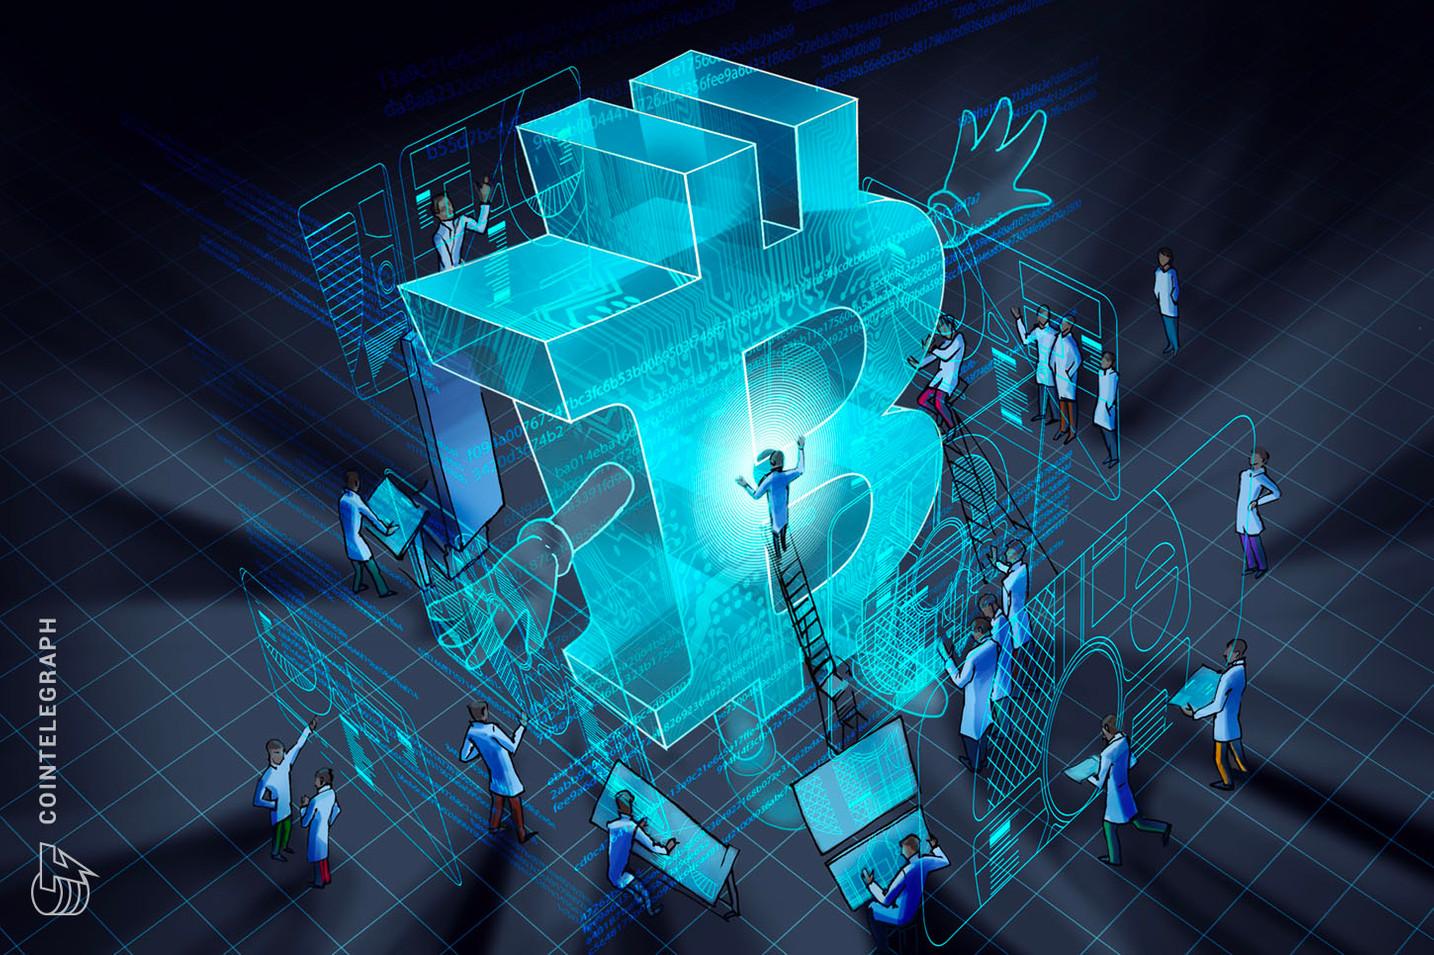 Το ανοιχτό ενδιαφέρον Bitcoin μιμείται το Q4 2020 ως νέα έκθεση «προσεκτικά αισιόδοξη» για το ράλι BTC